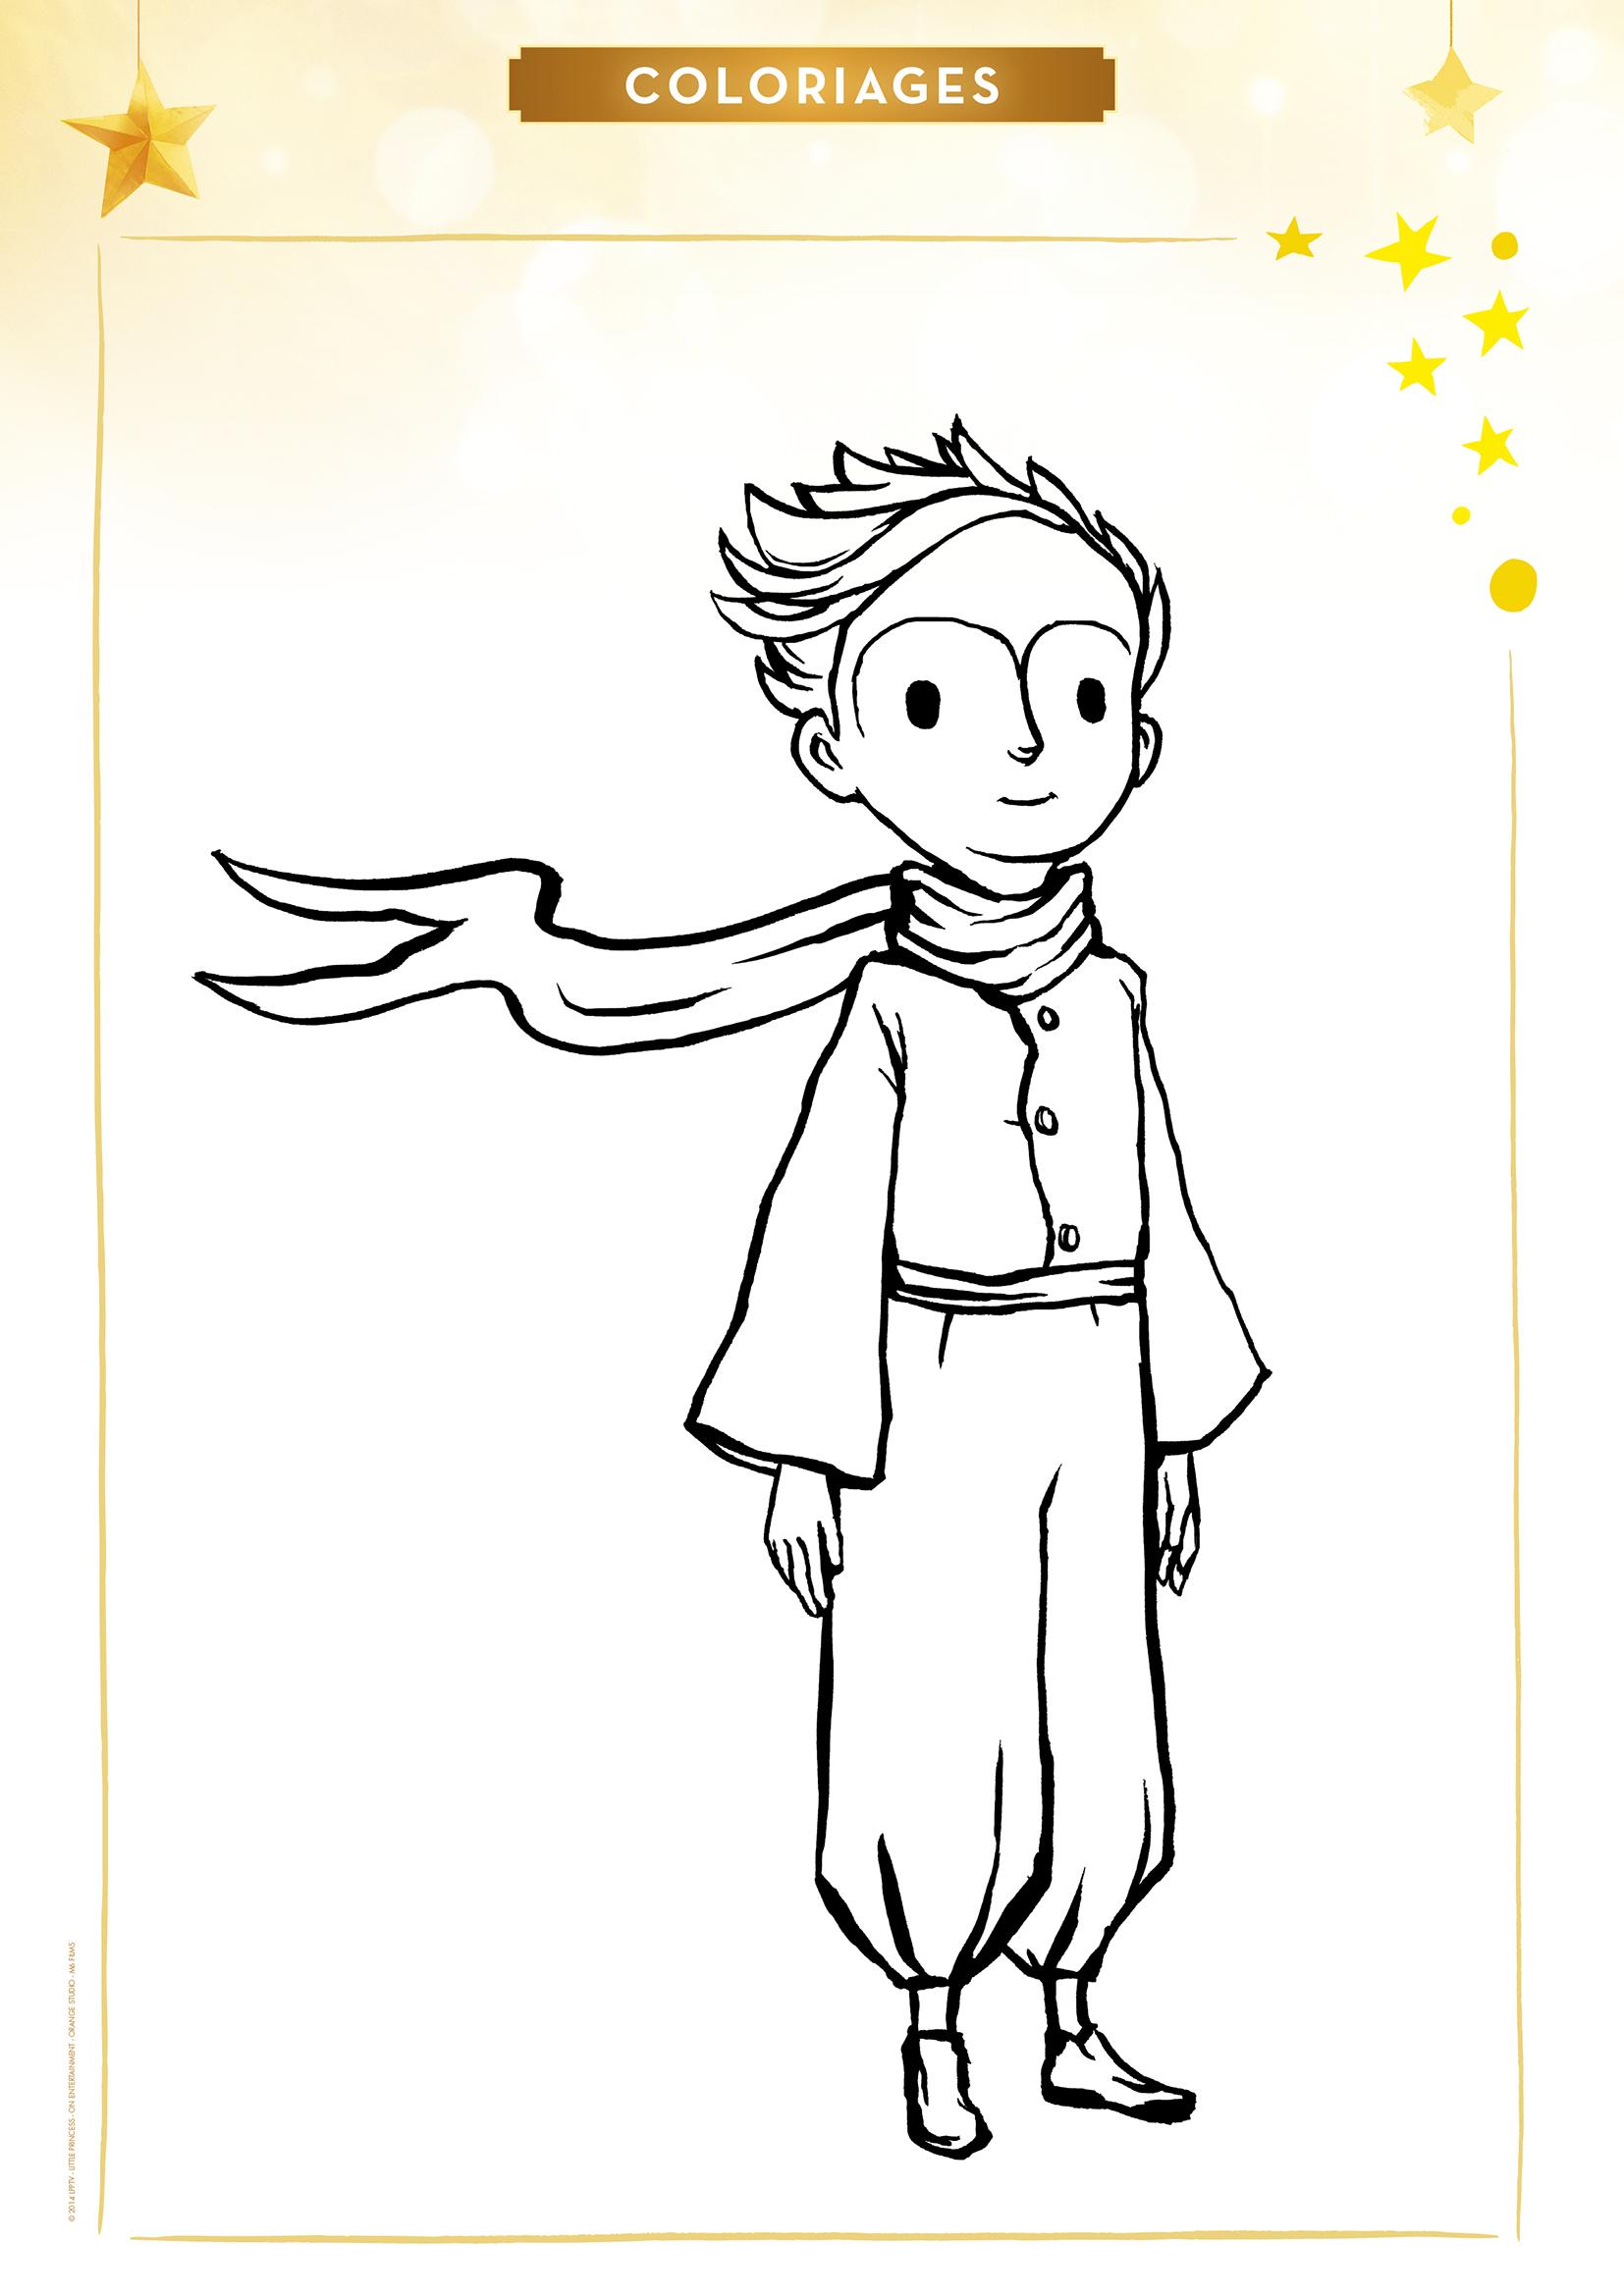 Coloriage le Petit Prince